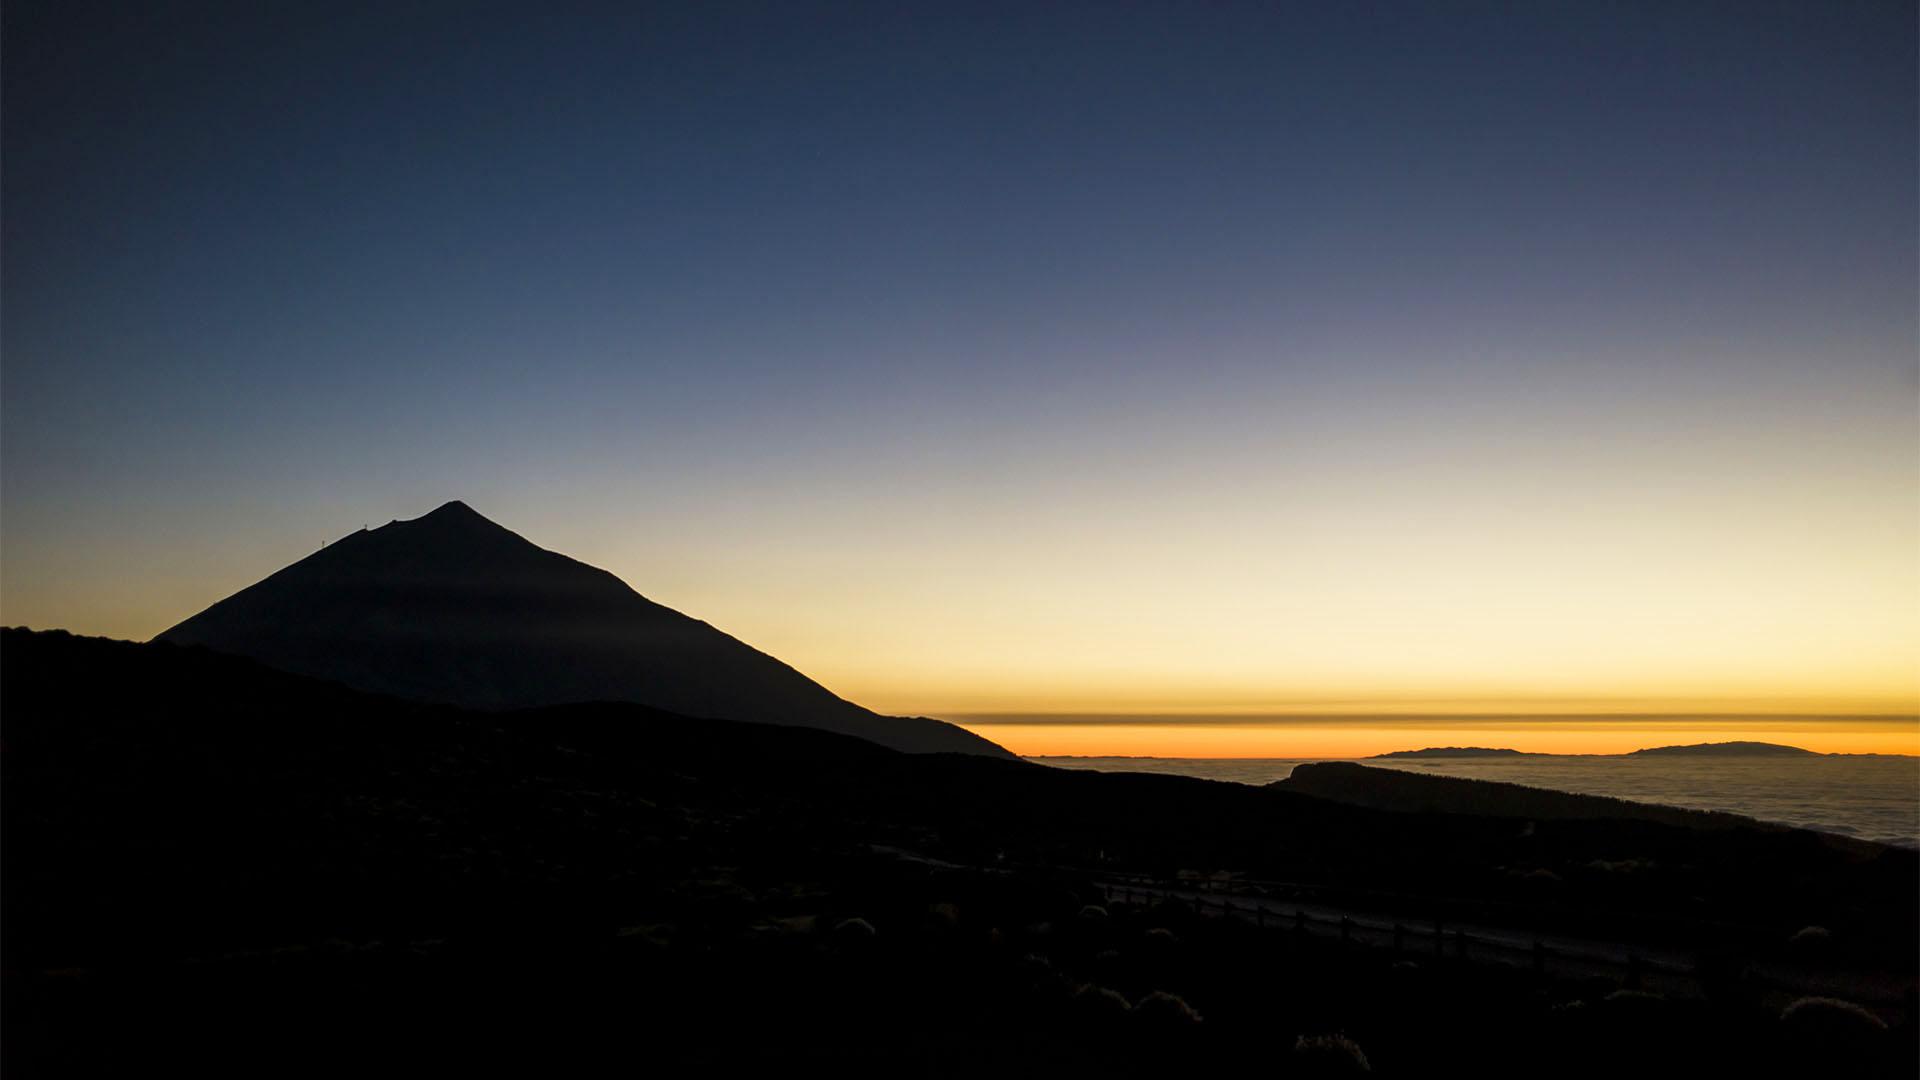 Neben der Silouhette des Teide versinkt die Sonne im Wolkenmeer aus dem die Gebirgszüge der Insel La Palma ragen. Blick vom Montaña de la Carniceria 2.367 m.